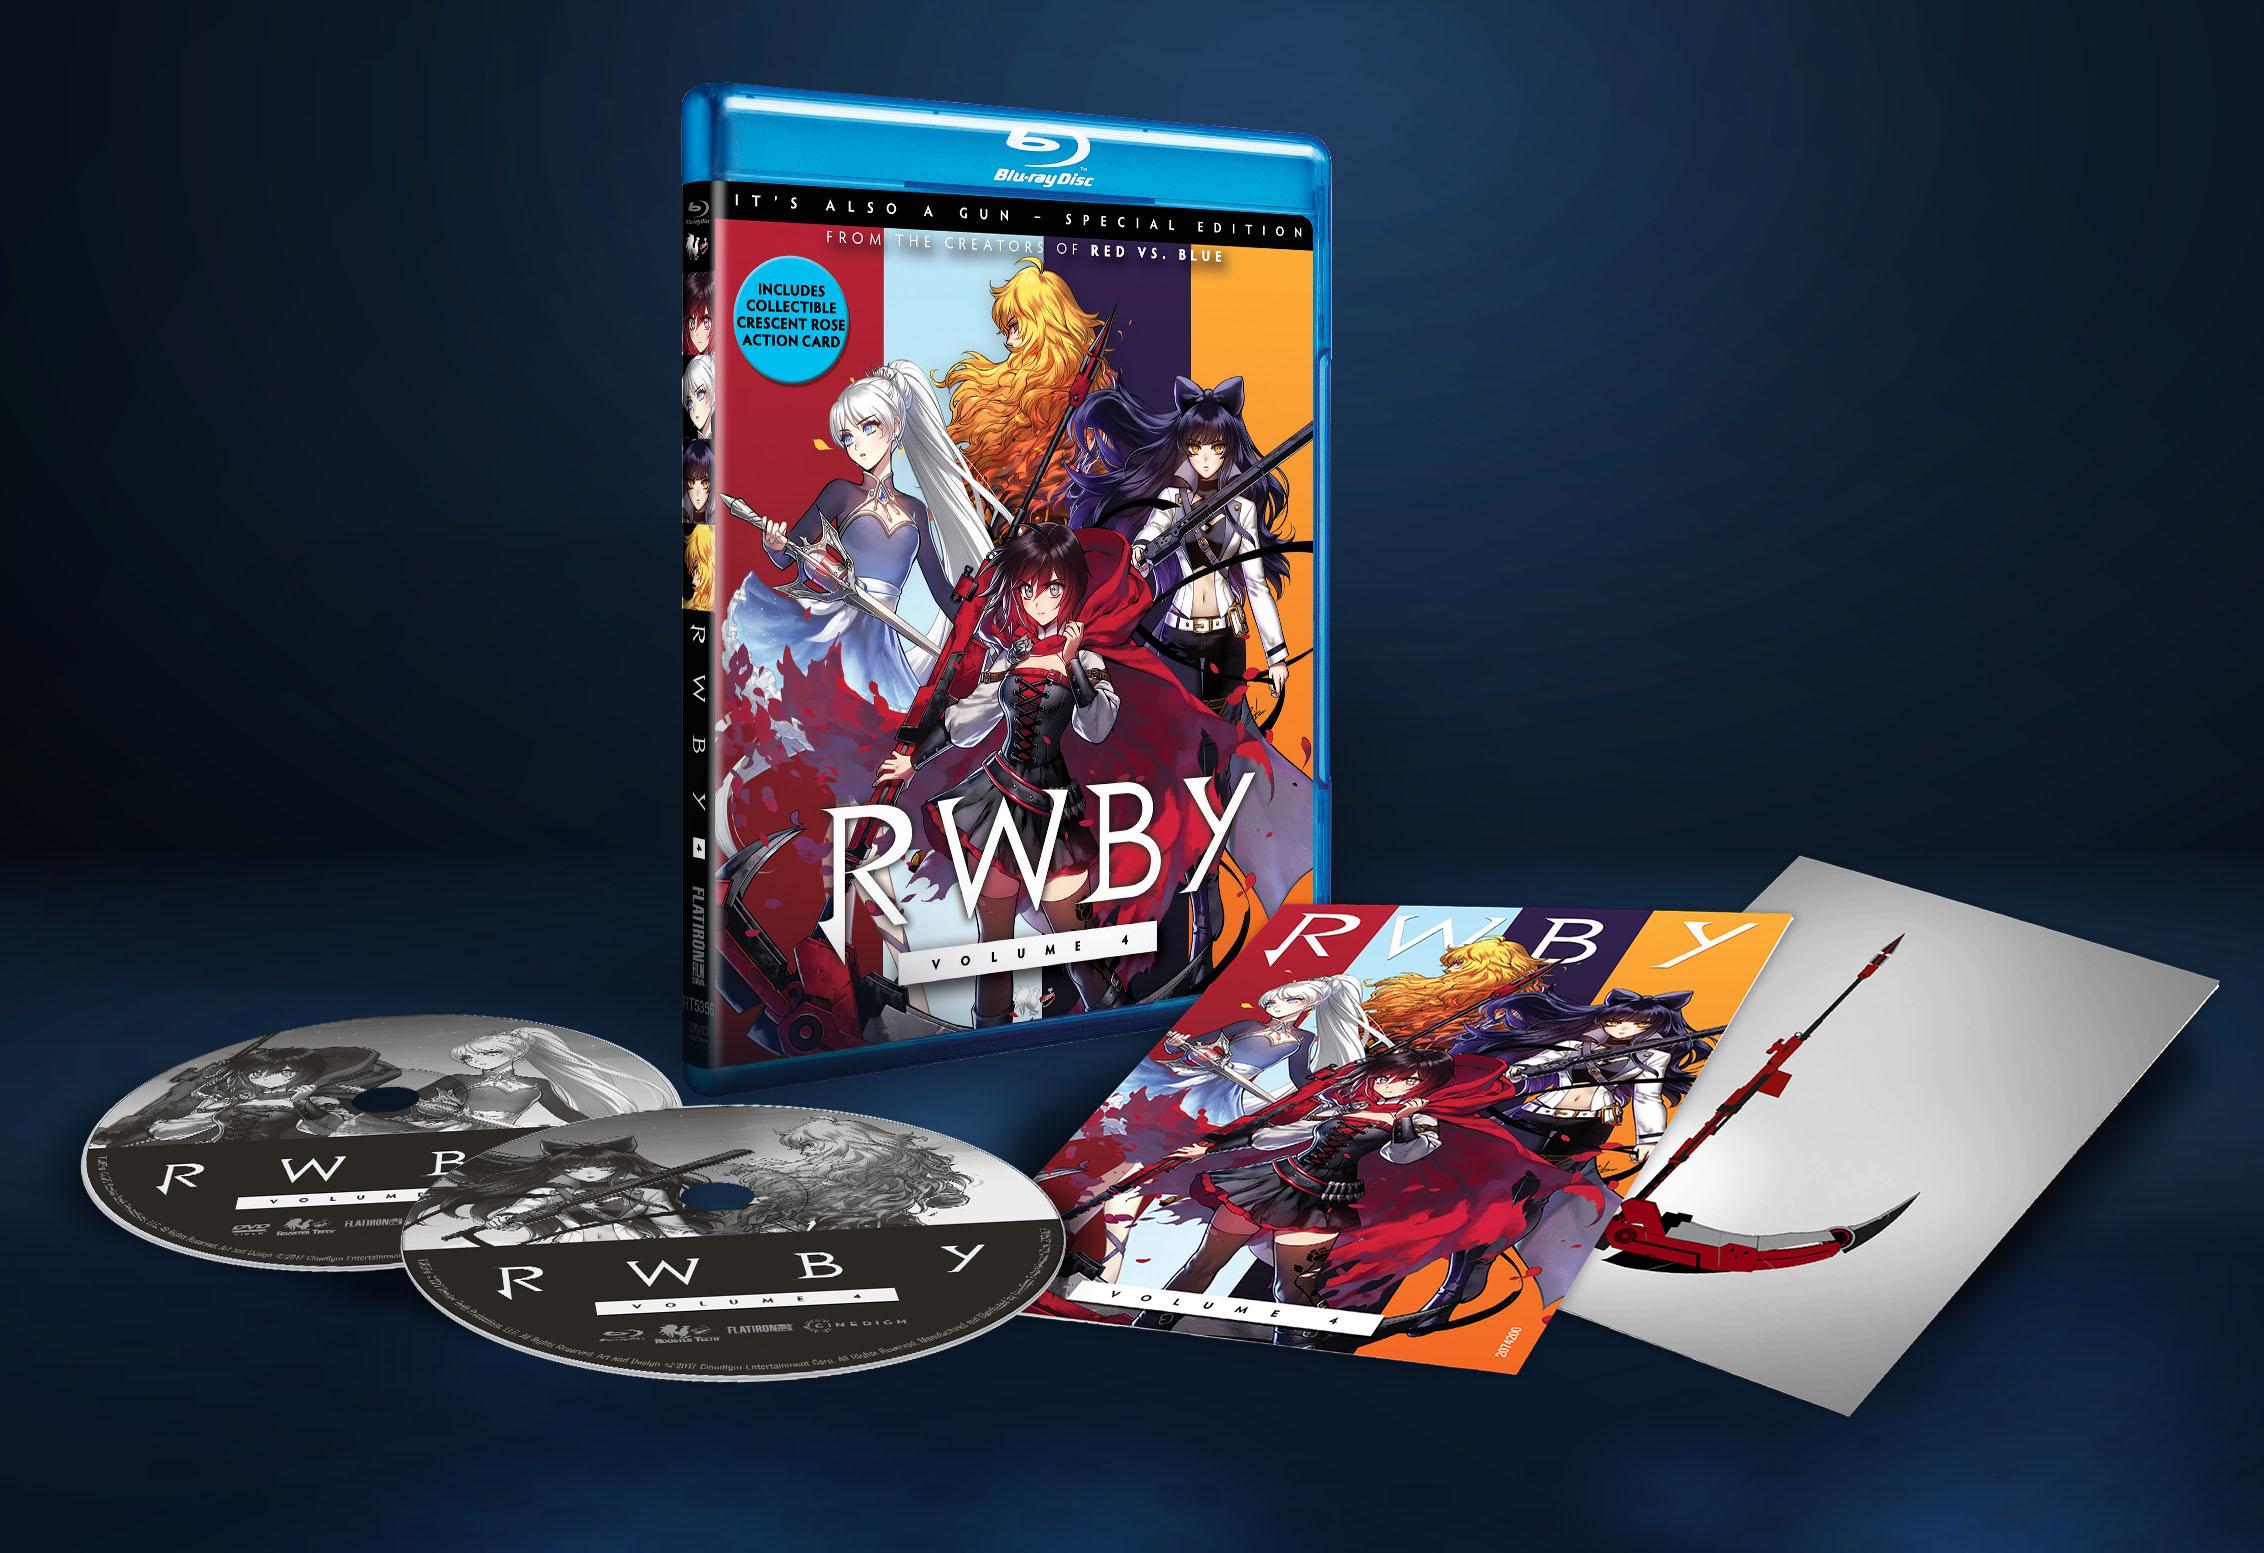 Coffret Blu-ray de RWBY Volume 4